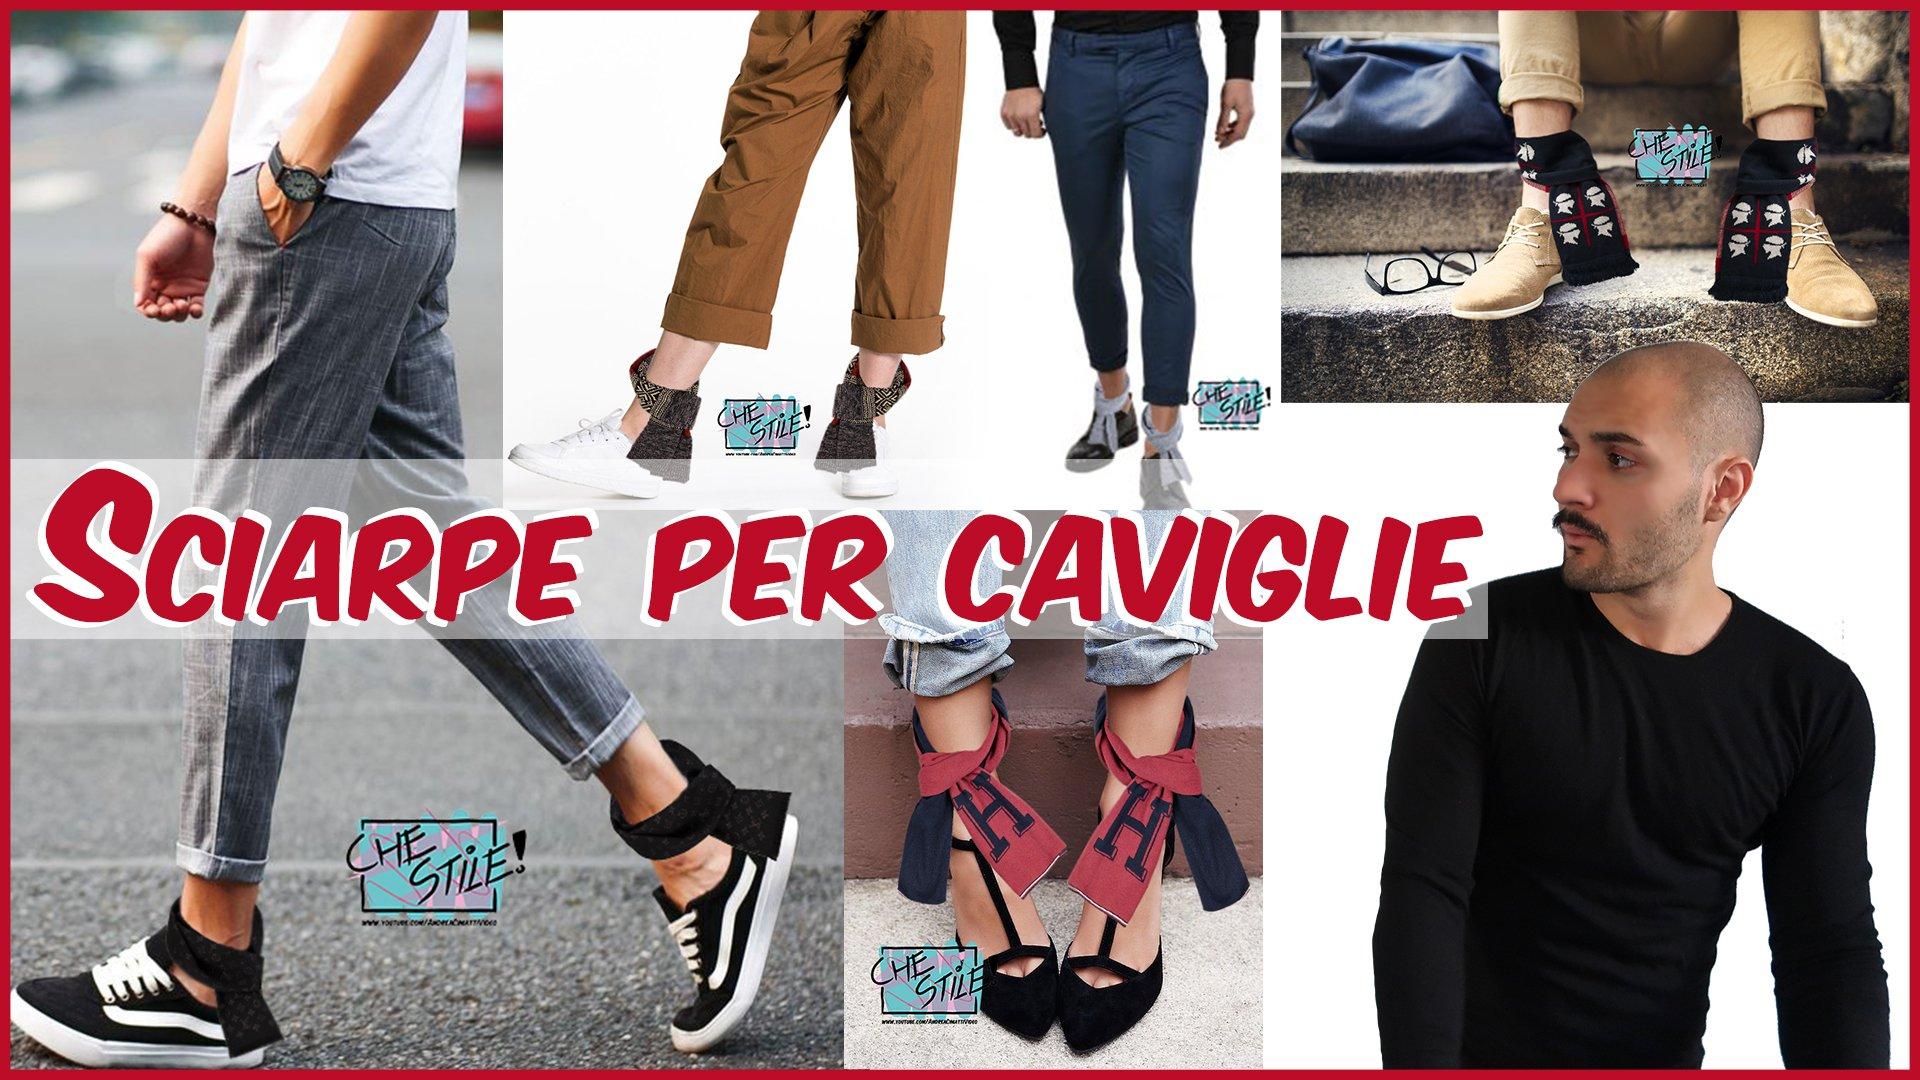 Sciarpe per caviglie - E' boom tra giovani e meno giovani | Che Stile